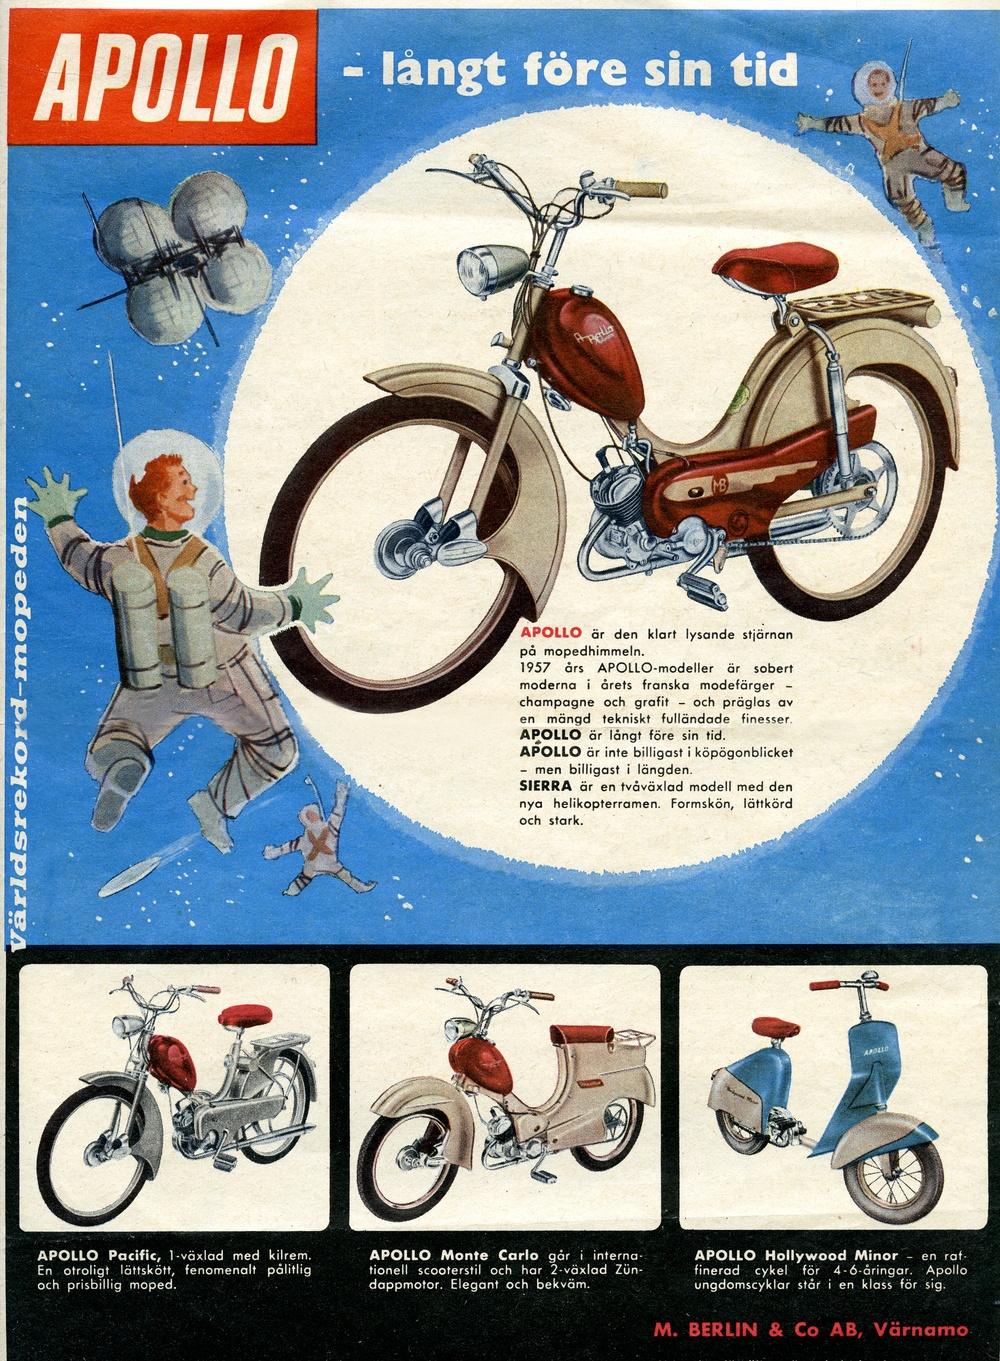 Annons för Apollo-mopeder från 1957. De klassiska cykeltillverkarna var snabba att haka på mopedboomen. Här fanns pengar att hämta. Apollo i Värnamo skapade en rad attraktiva modeller, delse helt egna men också varianter av Crescents utbud. Någon namngiven formgivare finns egenligen inte, men företagets dynamiske  chef Valentin Heurlin lär ha varit konstnärligt begåvad. Apollo hade en genomtänkt kulörlinje i sitt produktprogram och man förstod vikten av flashiga modellnamn, som Monte Carlo, Bel Rock och Sierra.